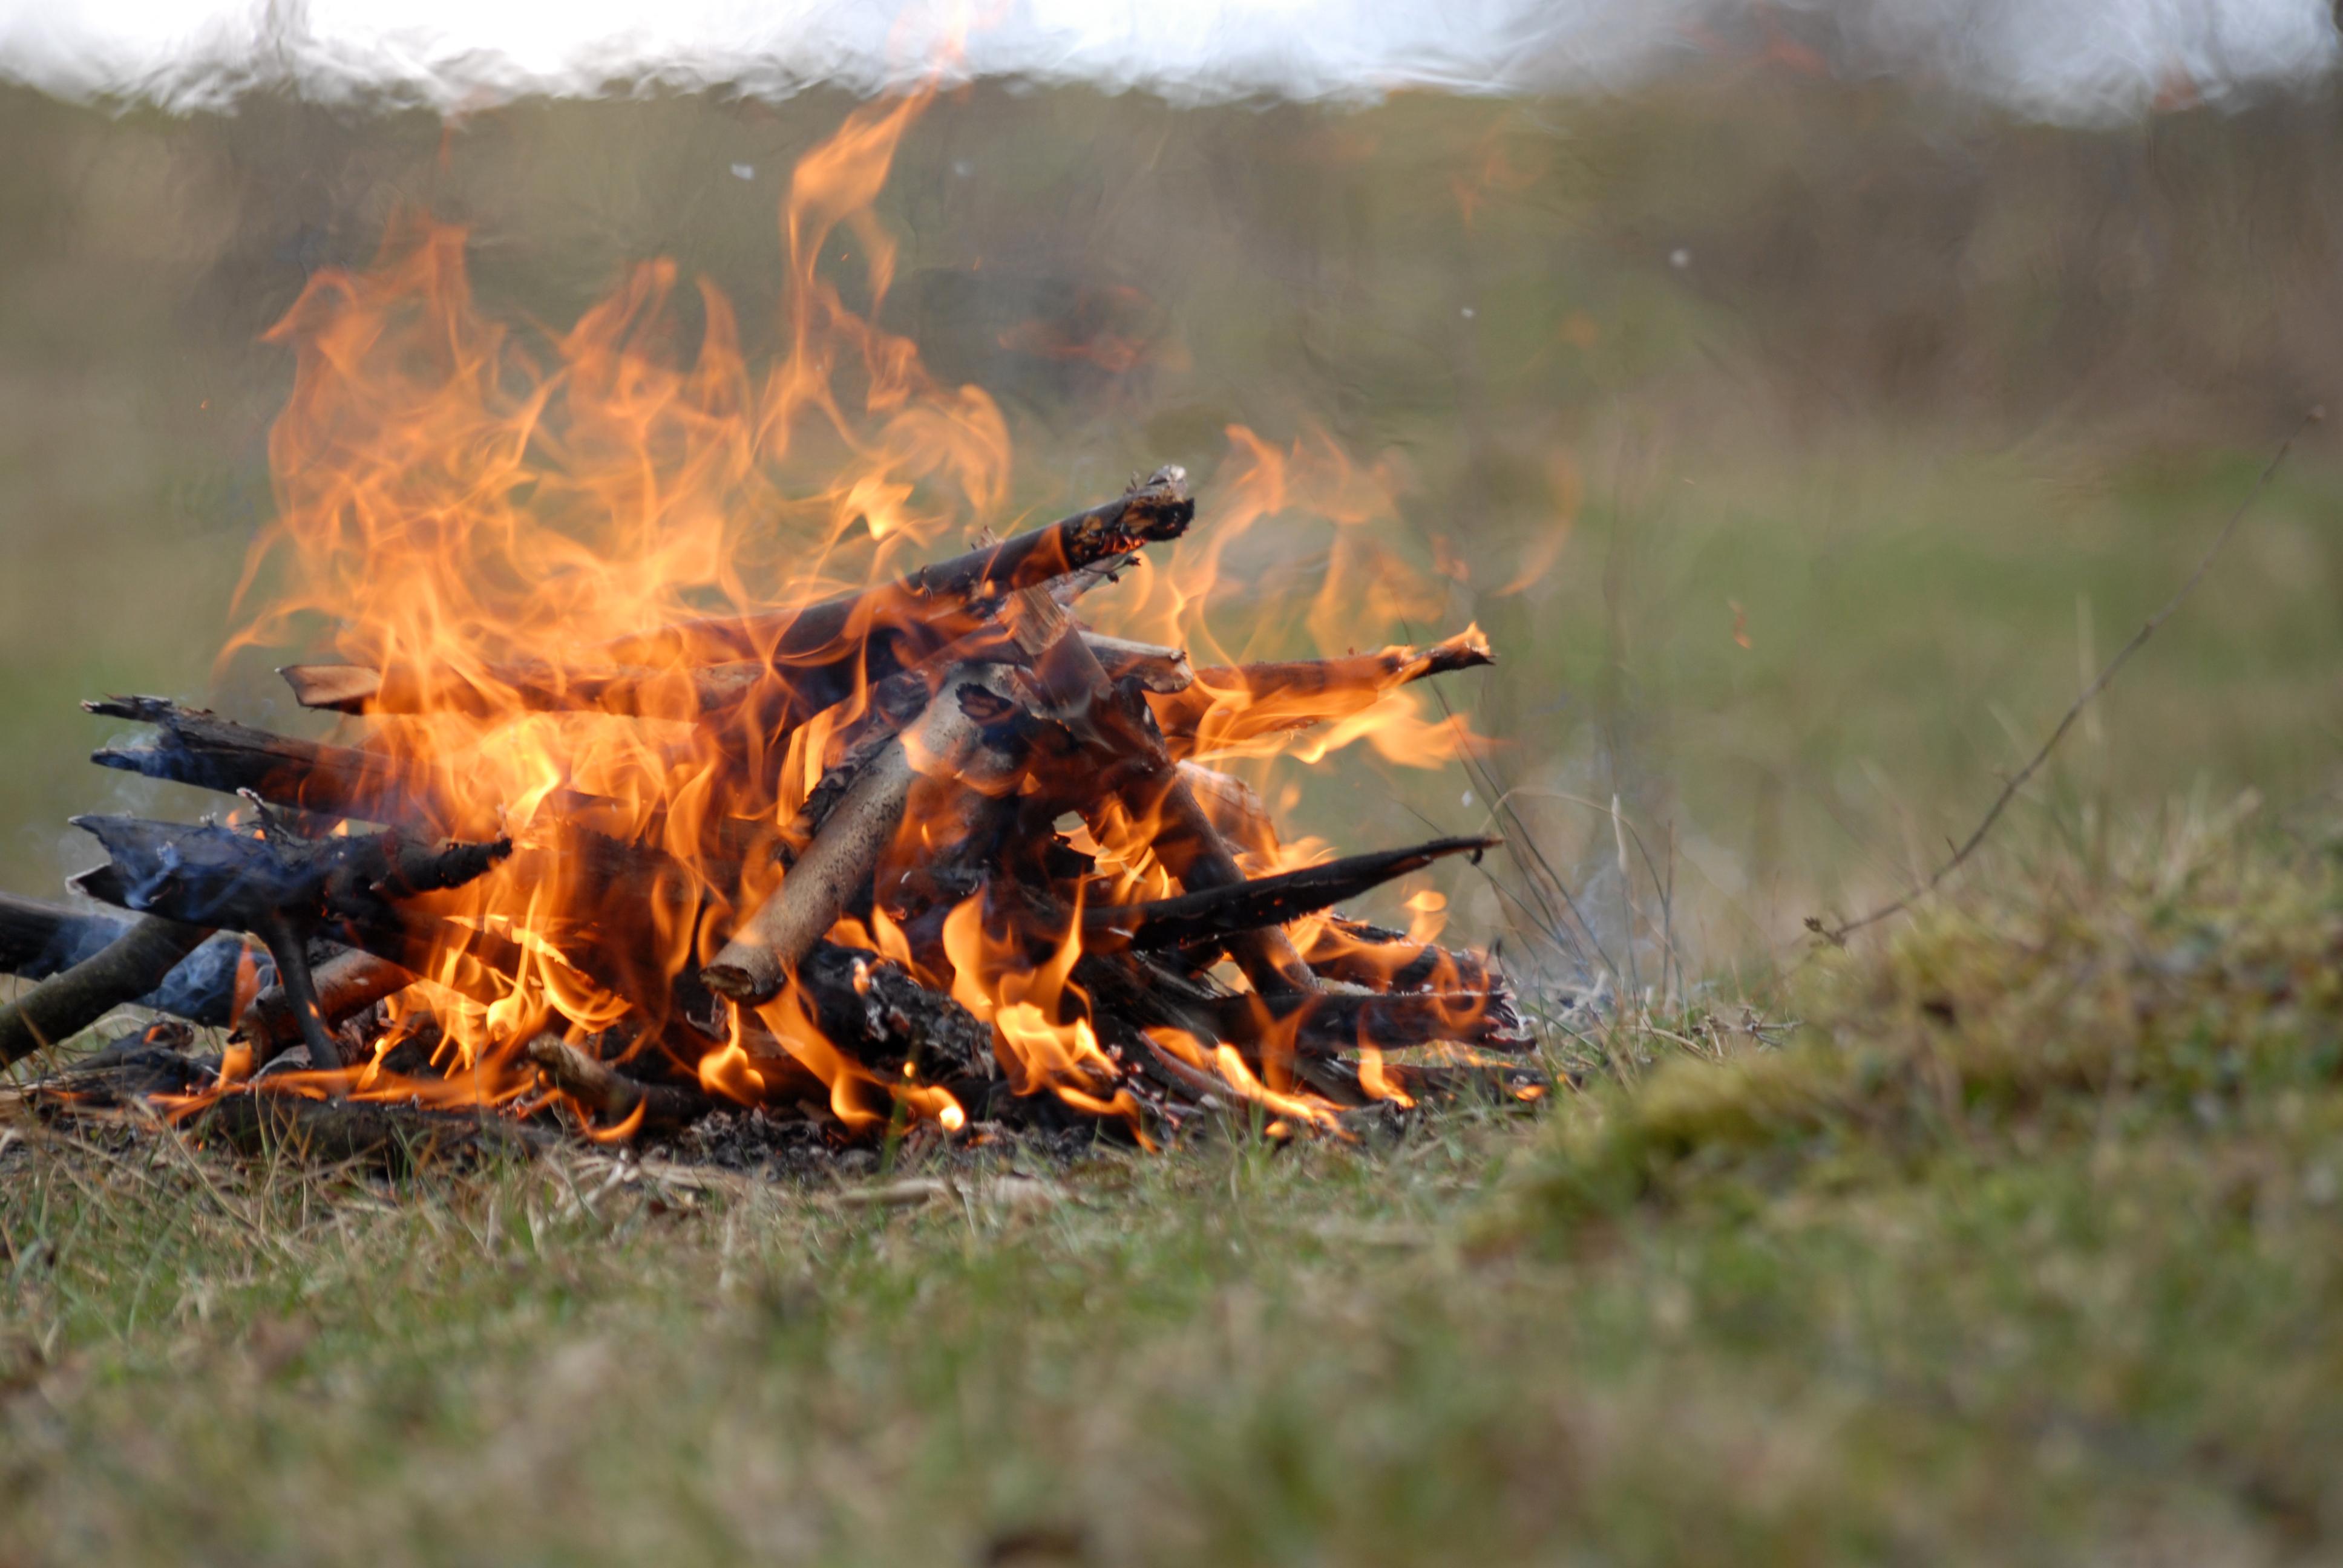 Brugt Gasgrill Gul Og Gratis : Afbrændingsforbud fastholdes hovedstadens beredskab